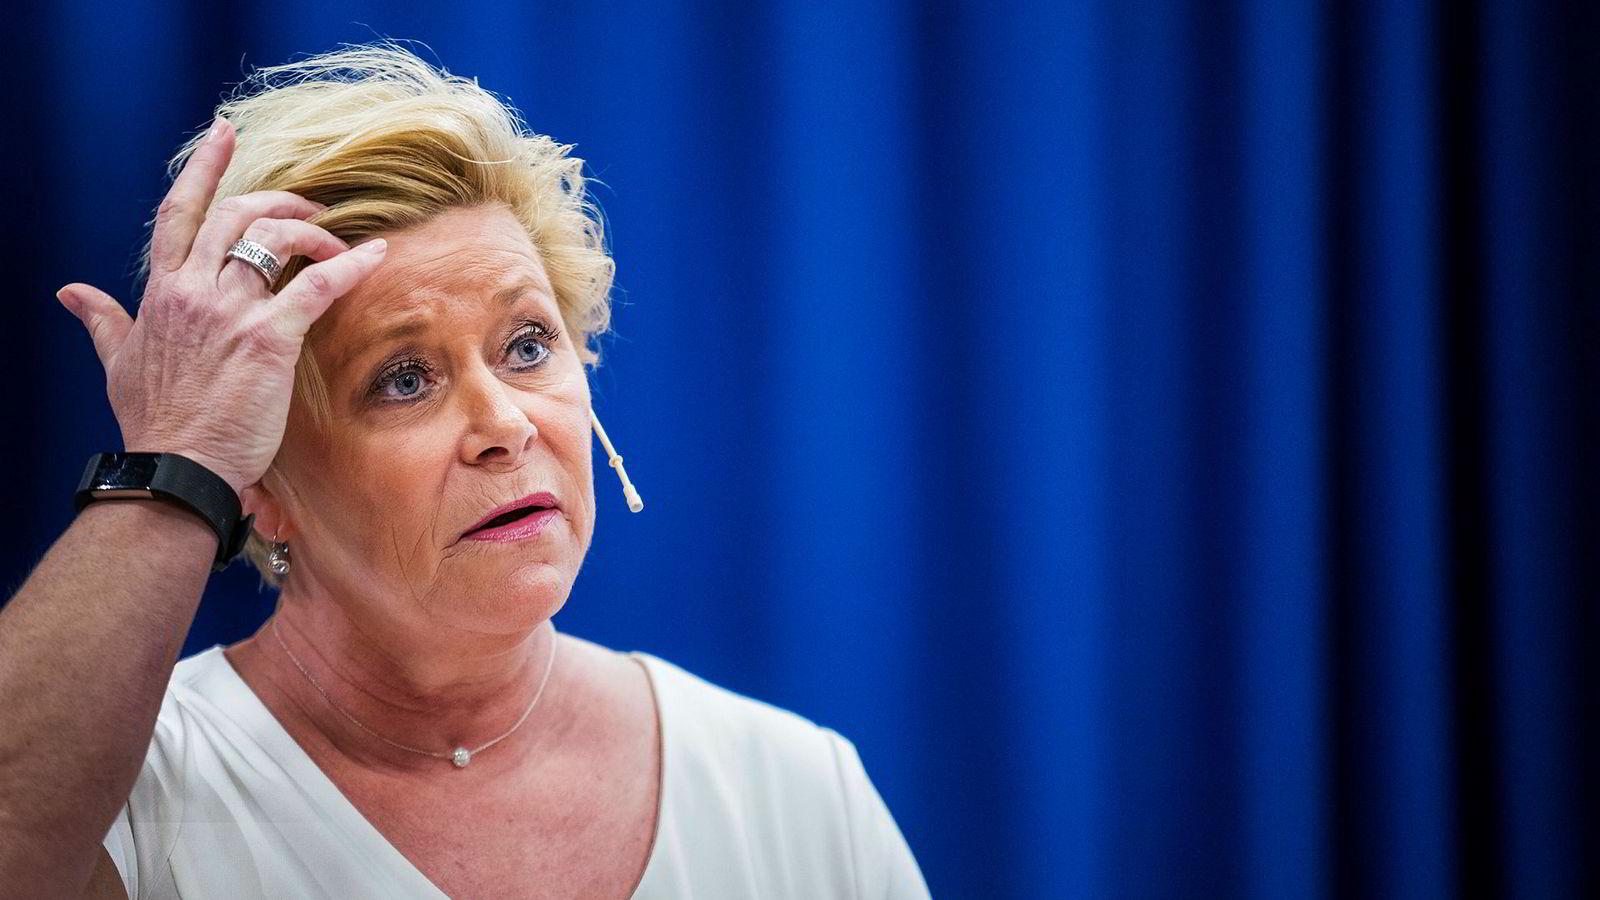 Frp-leder Siv Jensen vil bruke mer statlige penger for at bilistene skal betale mindre. Partiet har ikke sagt noe om hva det vil gå utover.